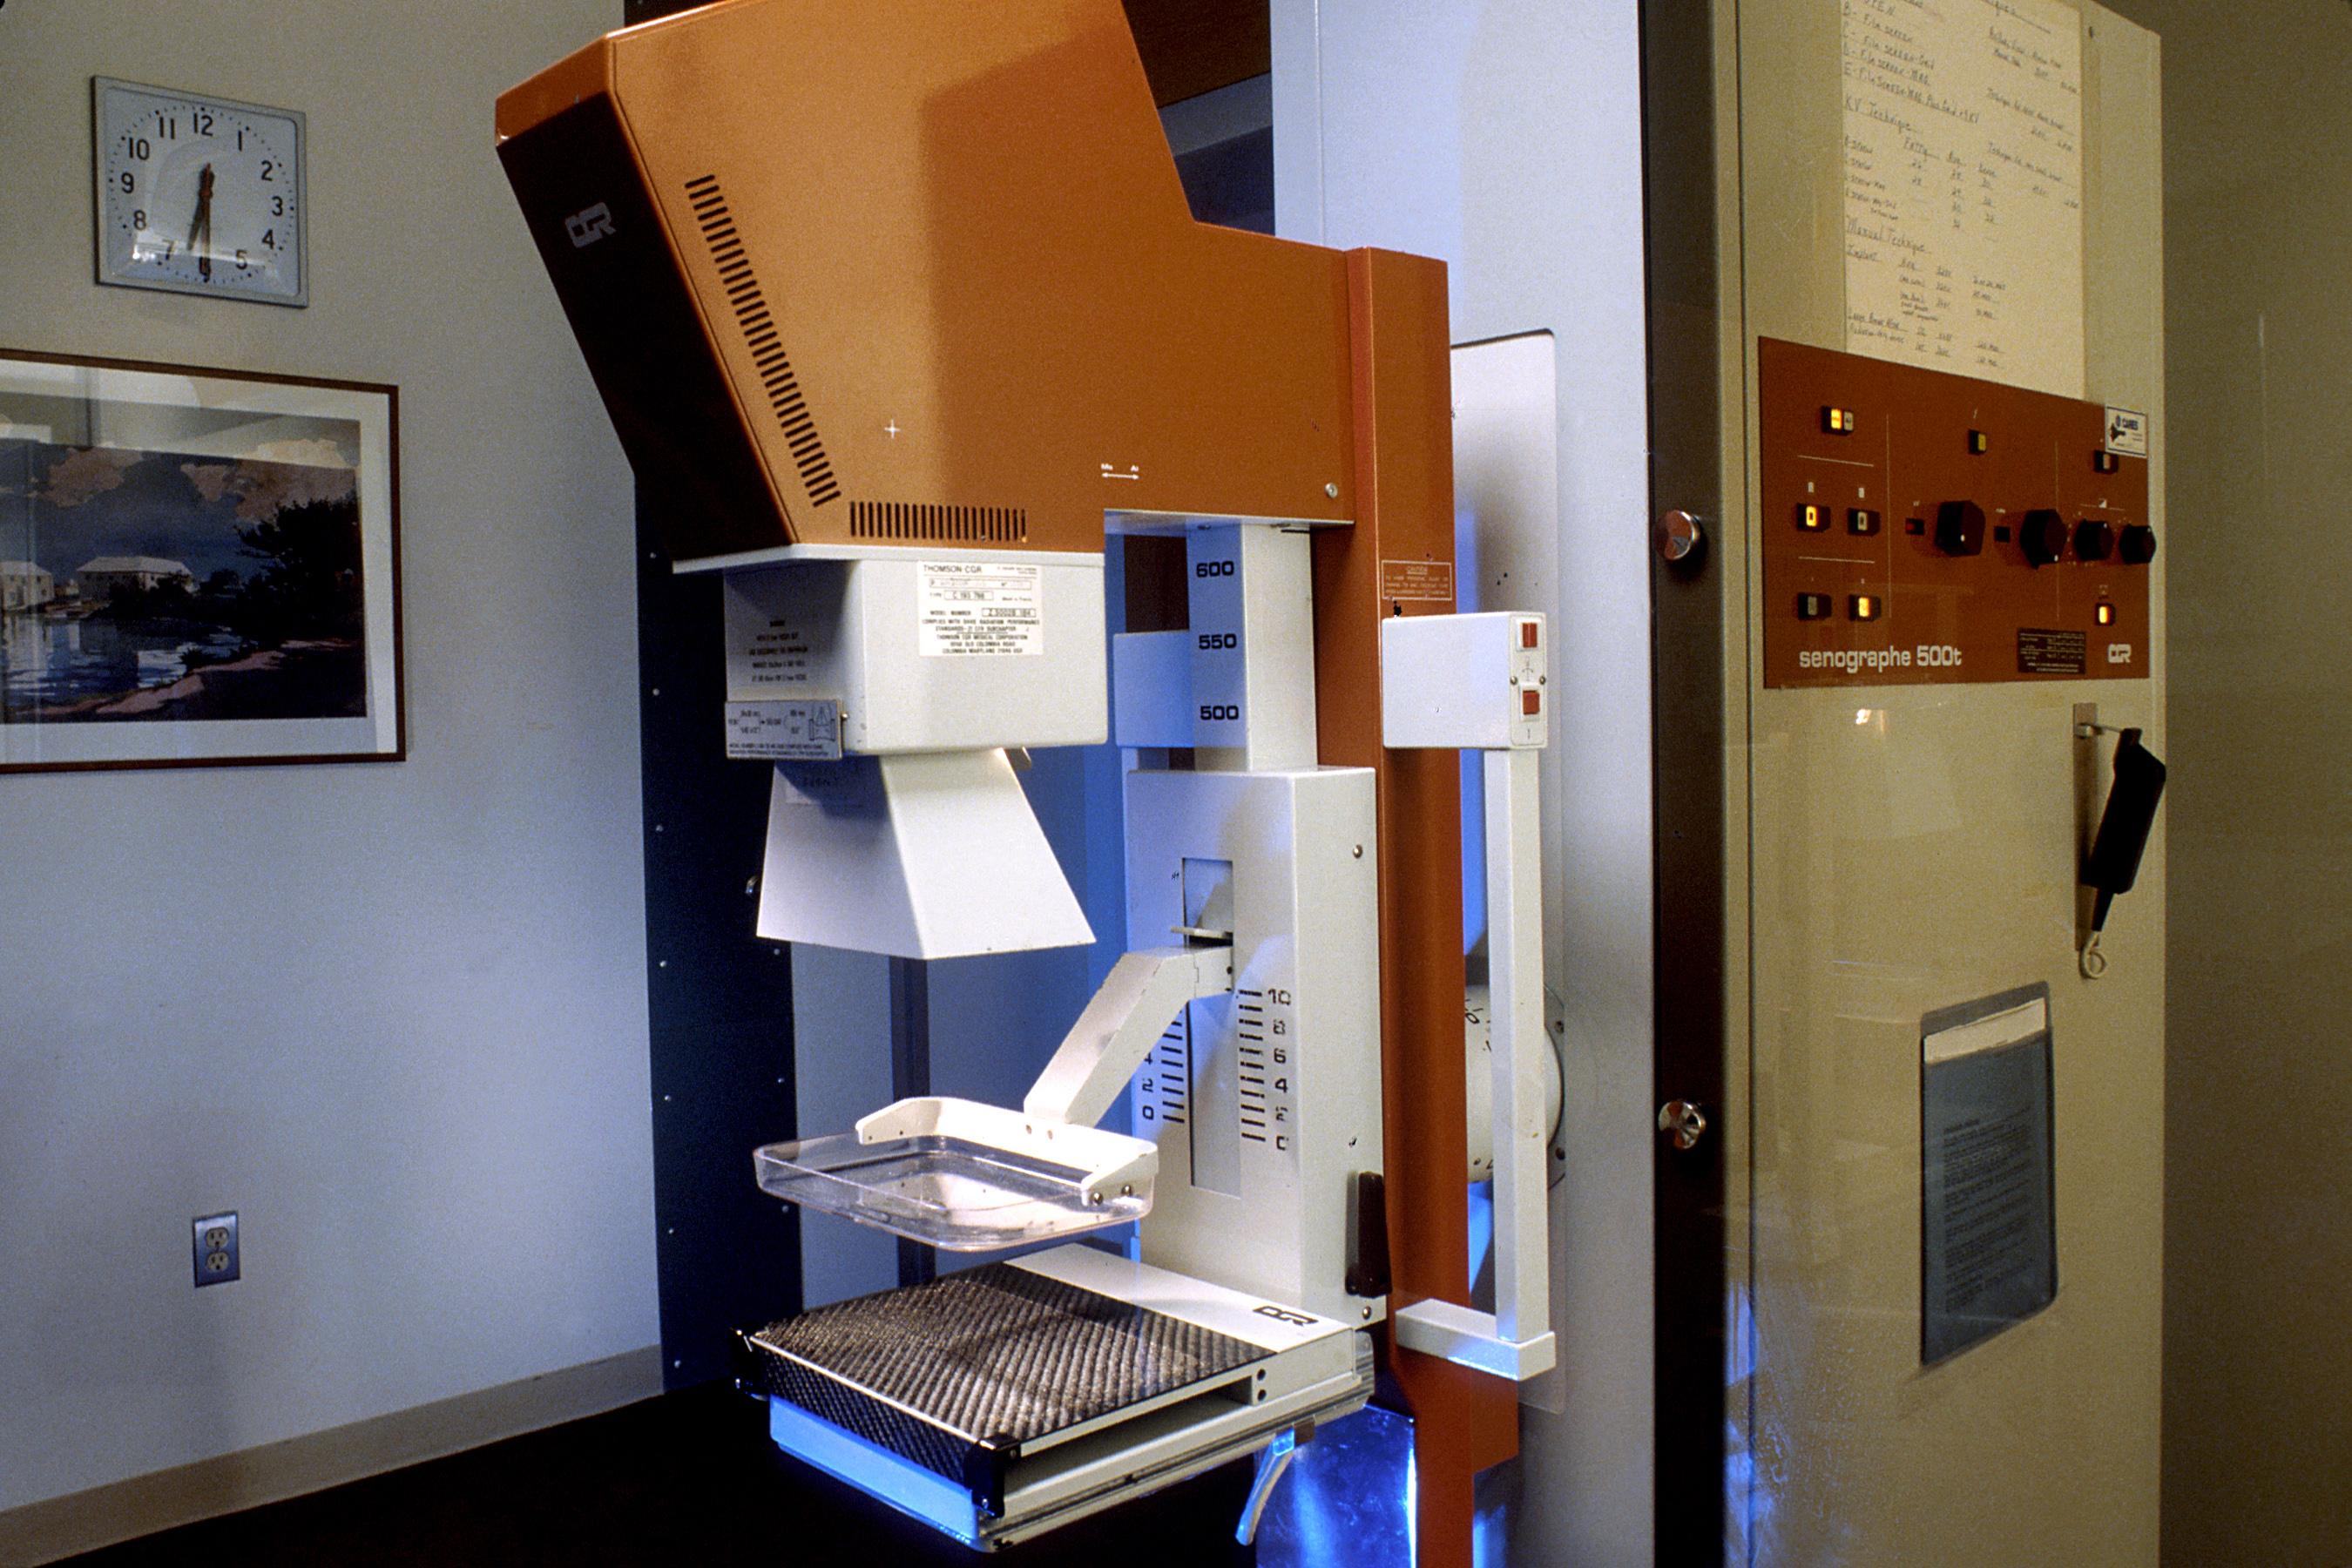 mamogram machine